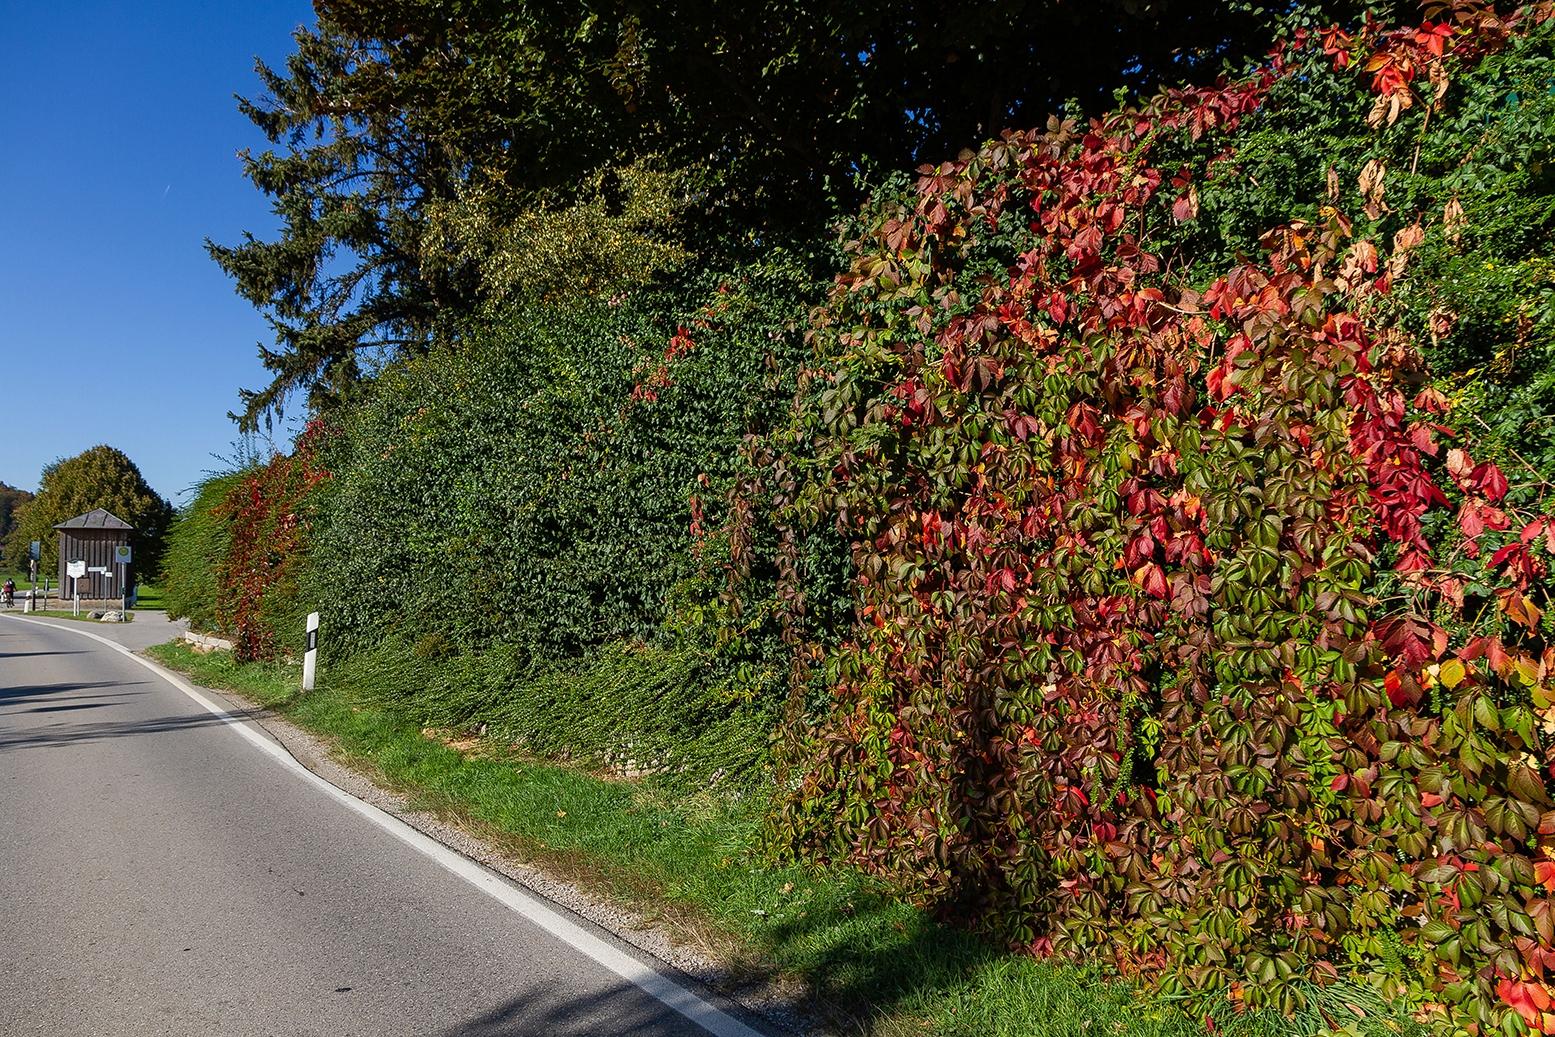 naturawall im Herbst mit den schönen rot gefärbten Weinblättern